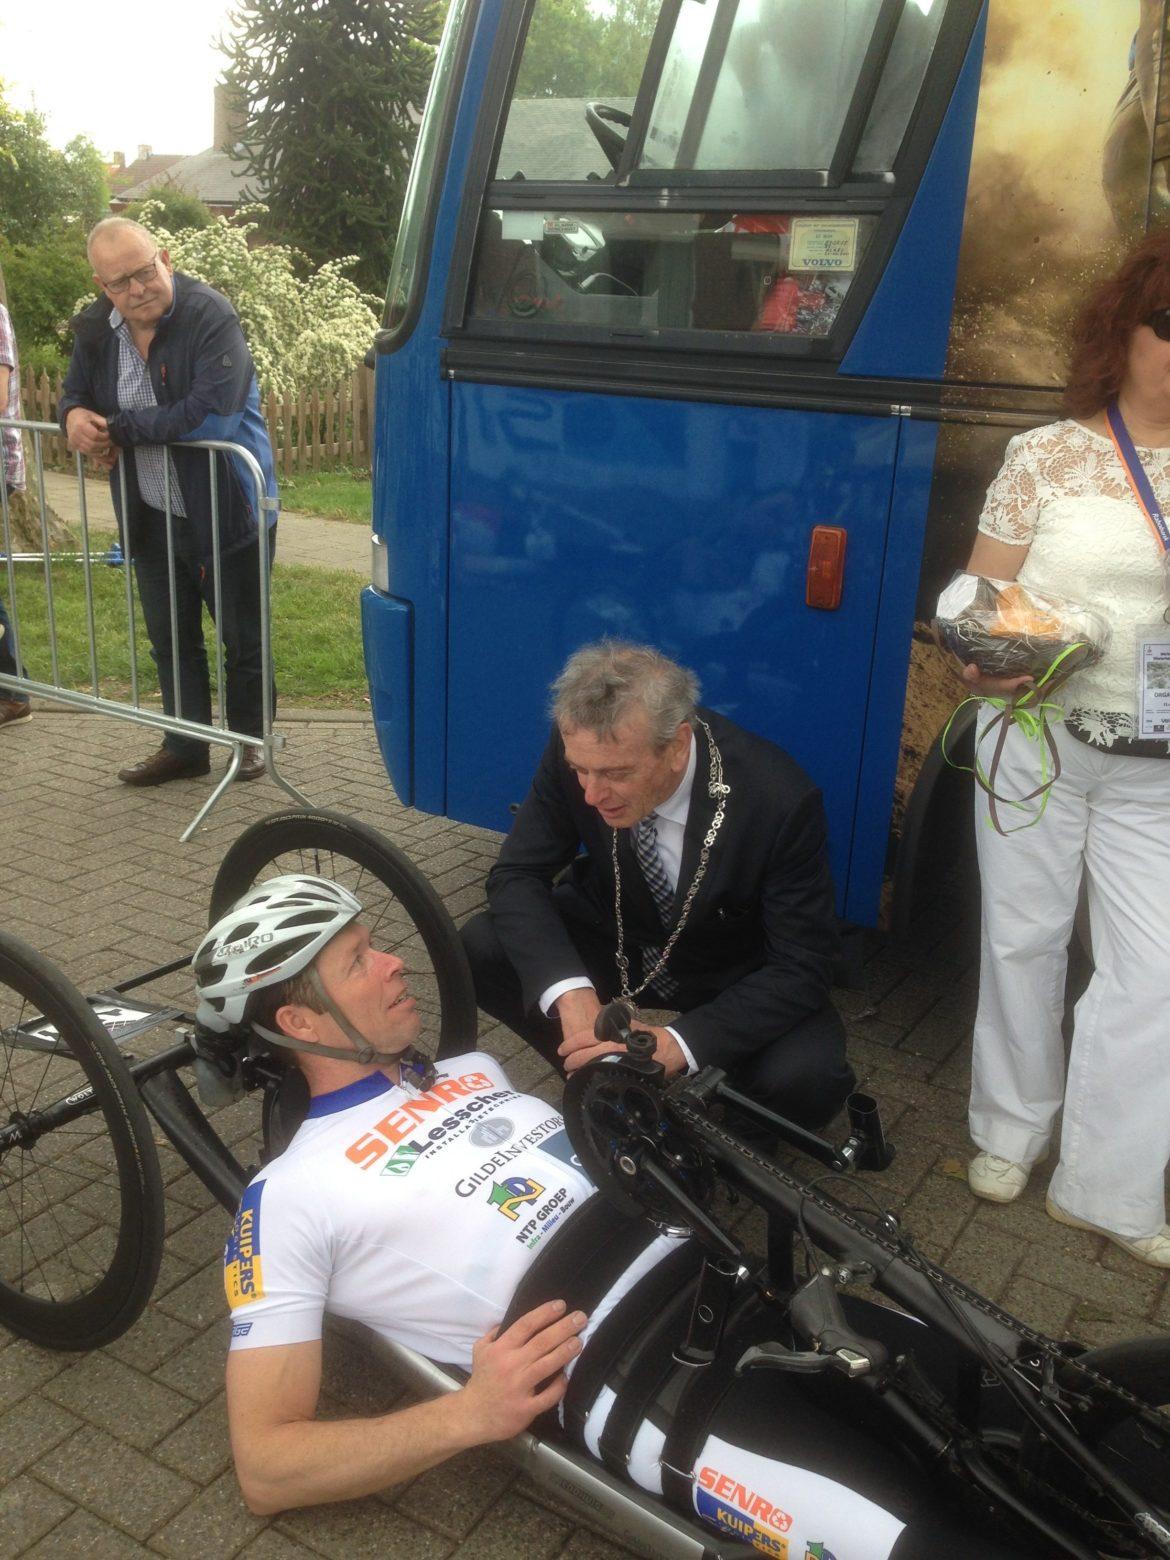 2e plaats NHC Wijk en Aalburg